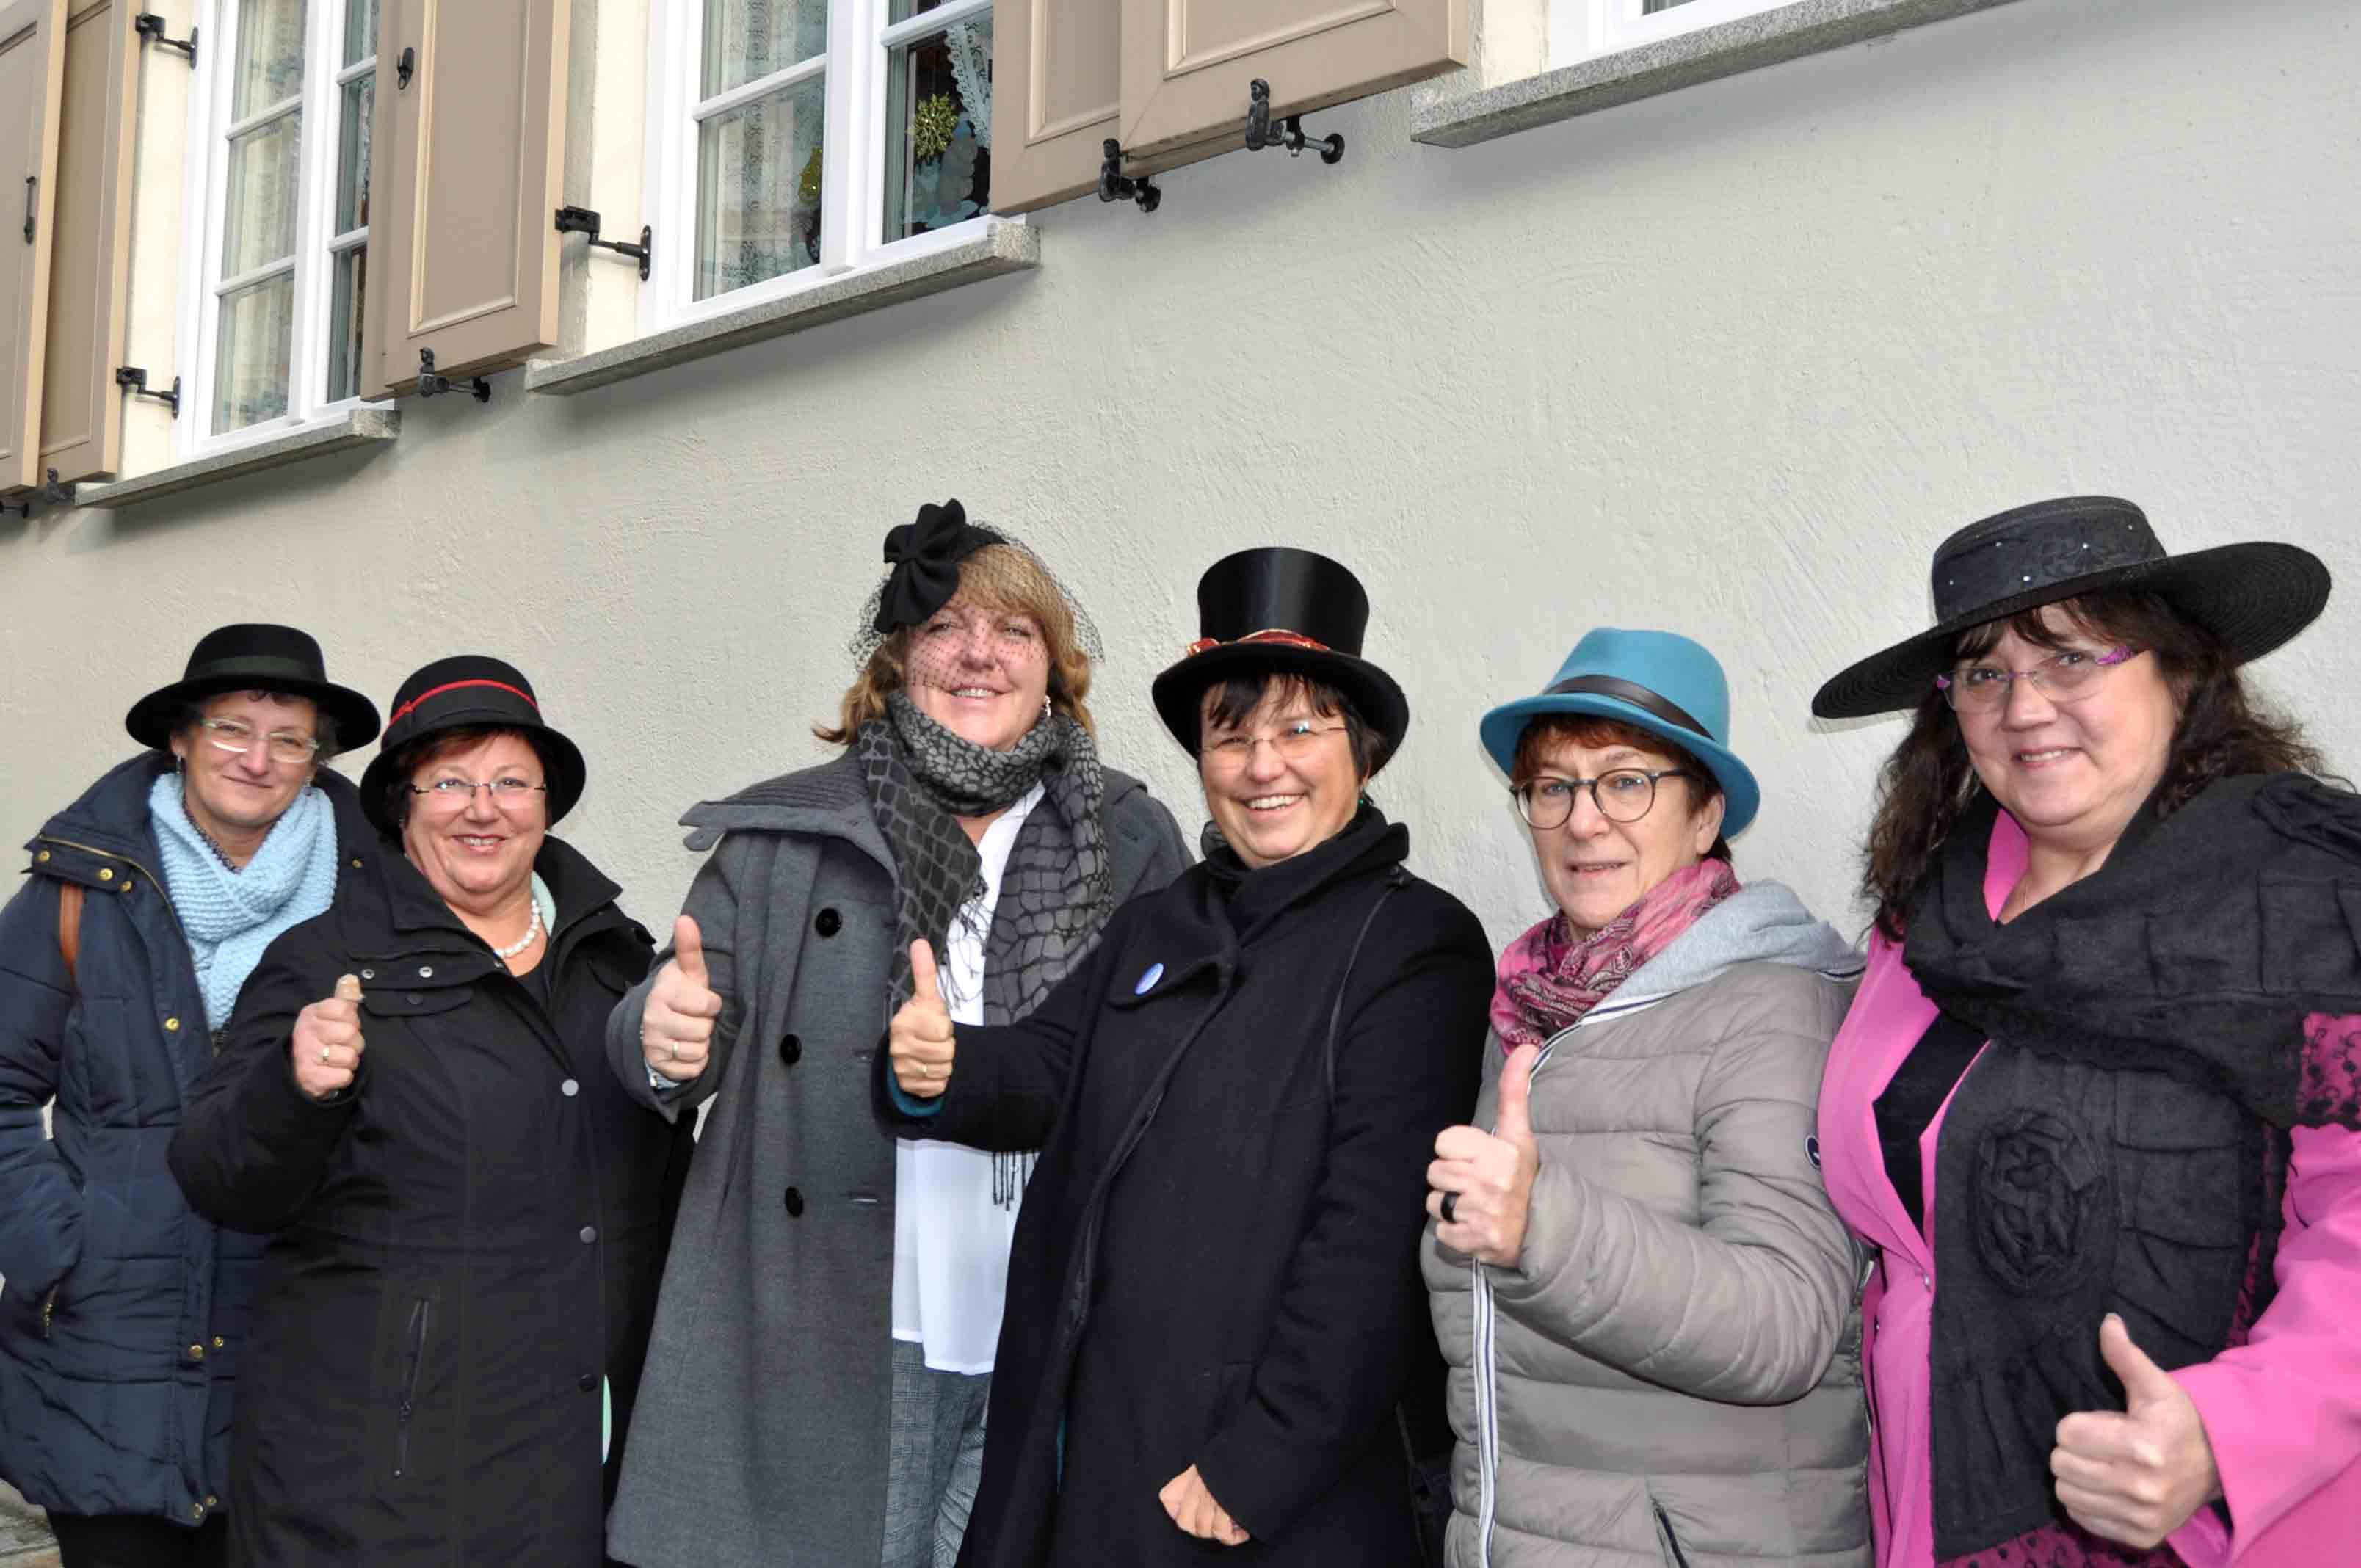 Der KDFB Vorstand in der Diözese Augsburg zeigt: Respekt für all die Frauen, die für die Einführung des Frauenwahlrechts gekämpft haben, die sich zur Wahl stellten und auch denen, die ihr Wahlrecht wahrgenommen haben. (Foto: KDFB/Böswald-Rid)